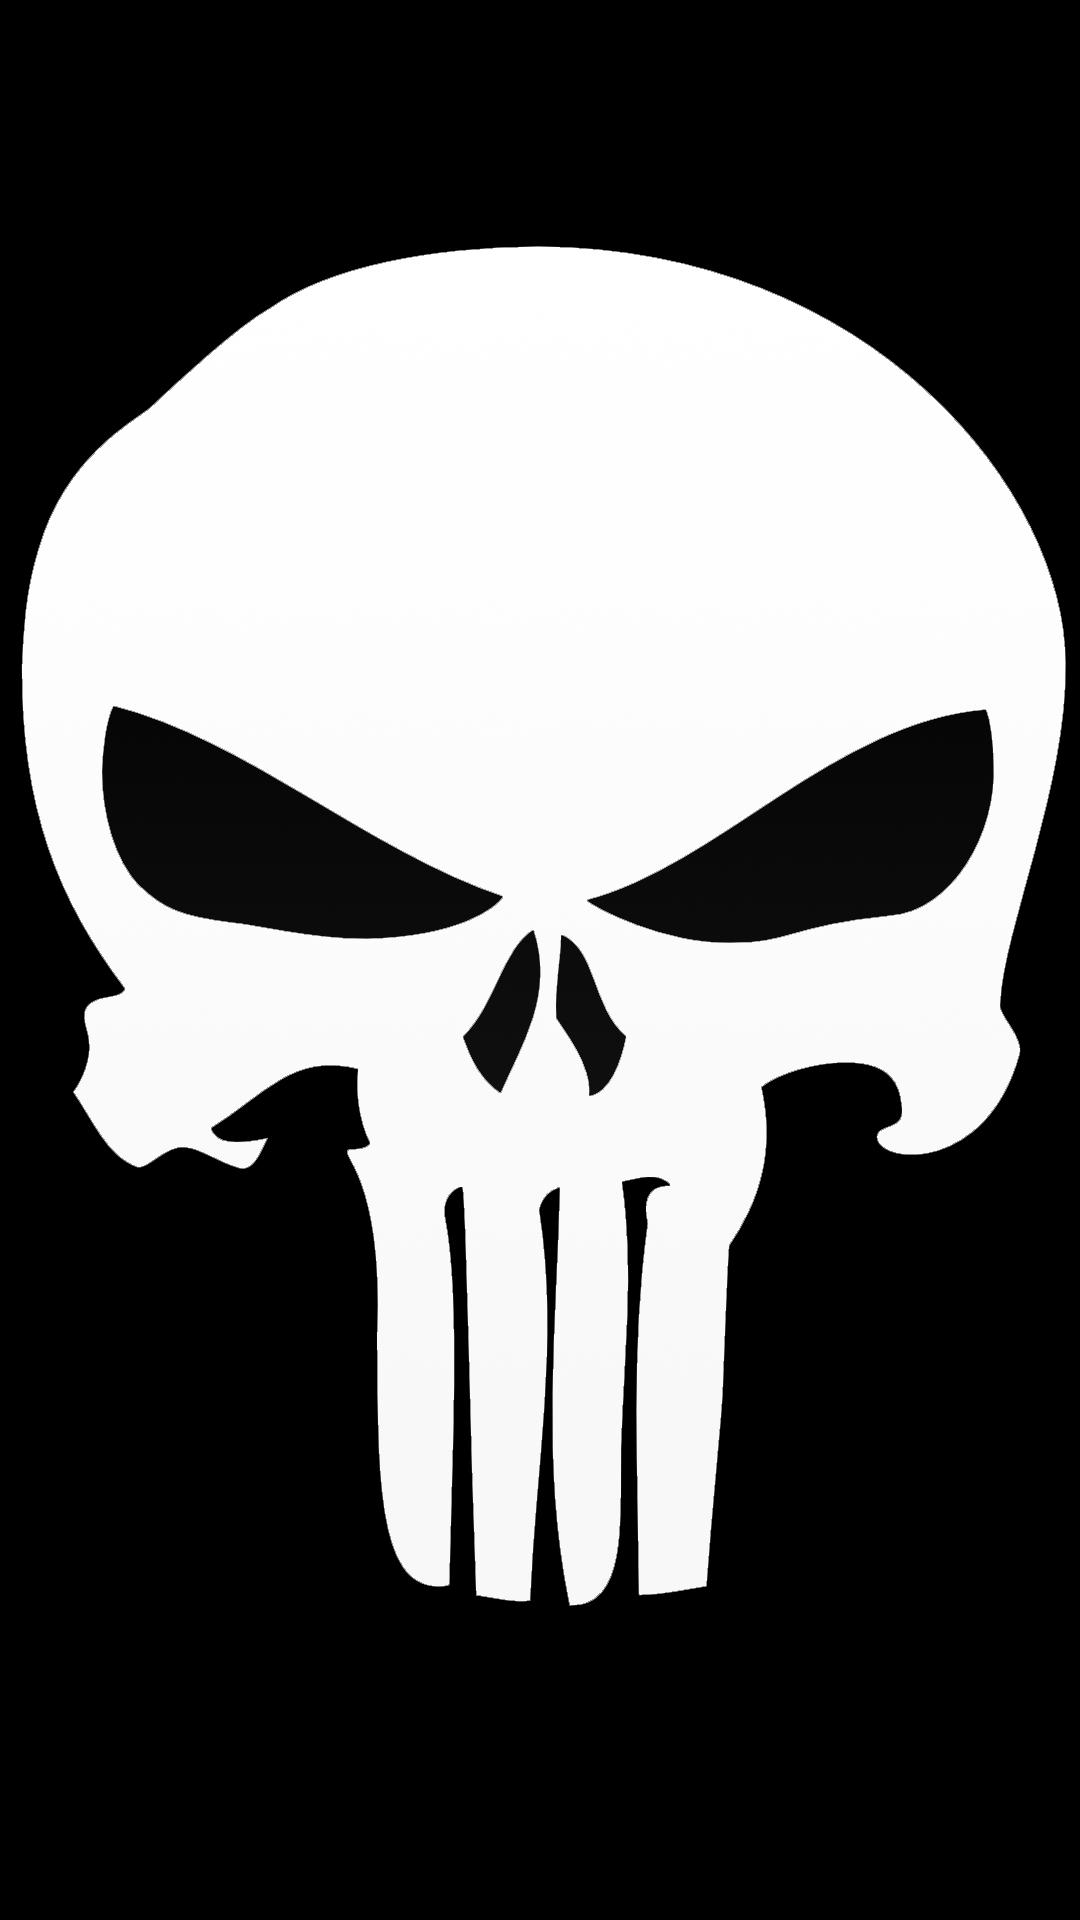 Punisher Skull Wallpaper